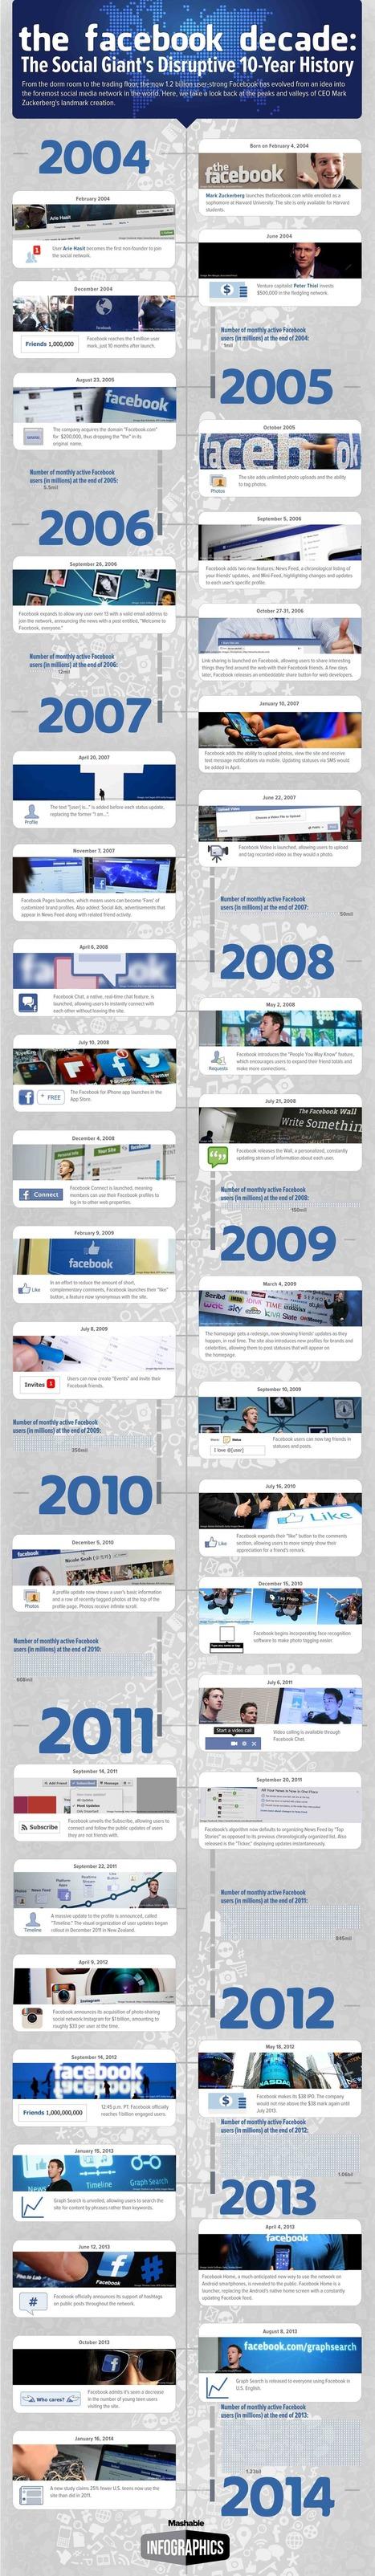 La primera década de FaceBook #infografia #infographic | Social | Scoop.it